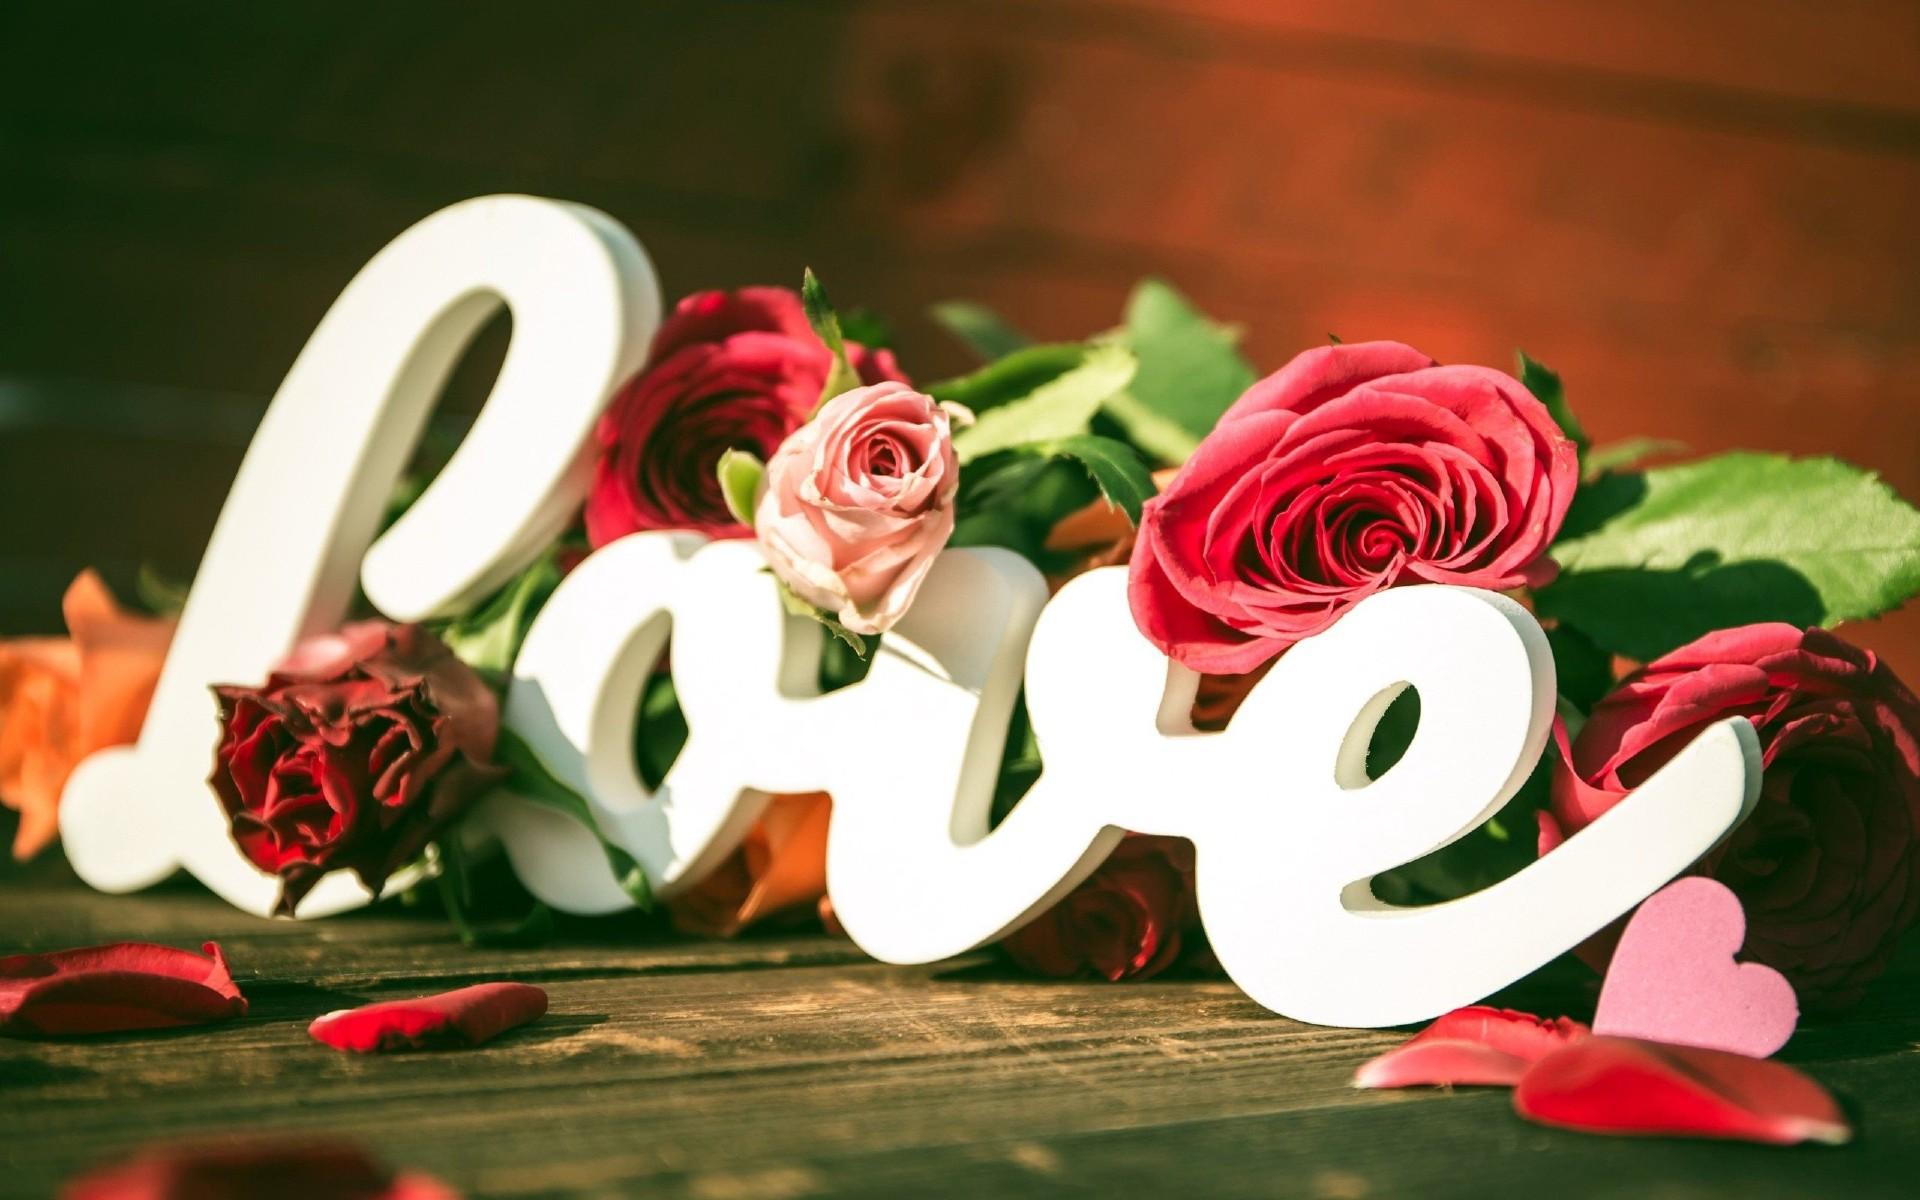 Выходите замуж без любви